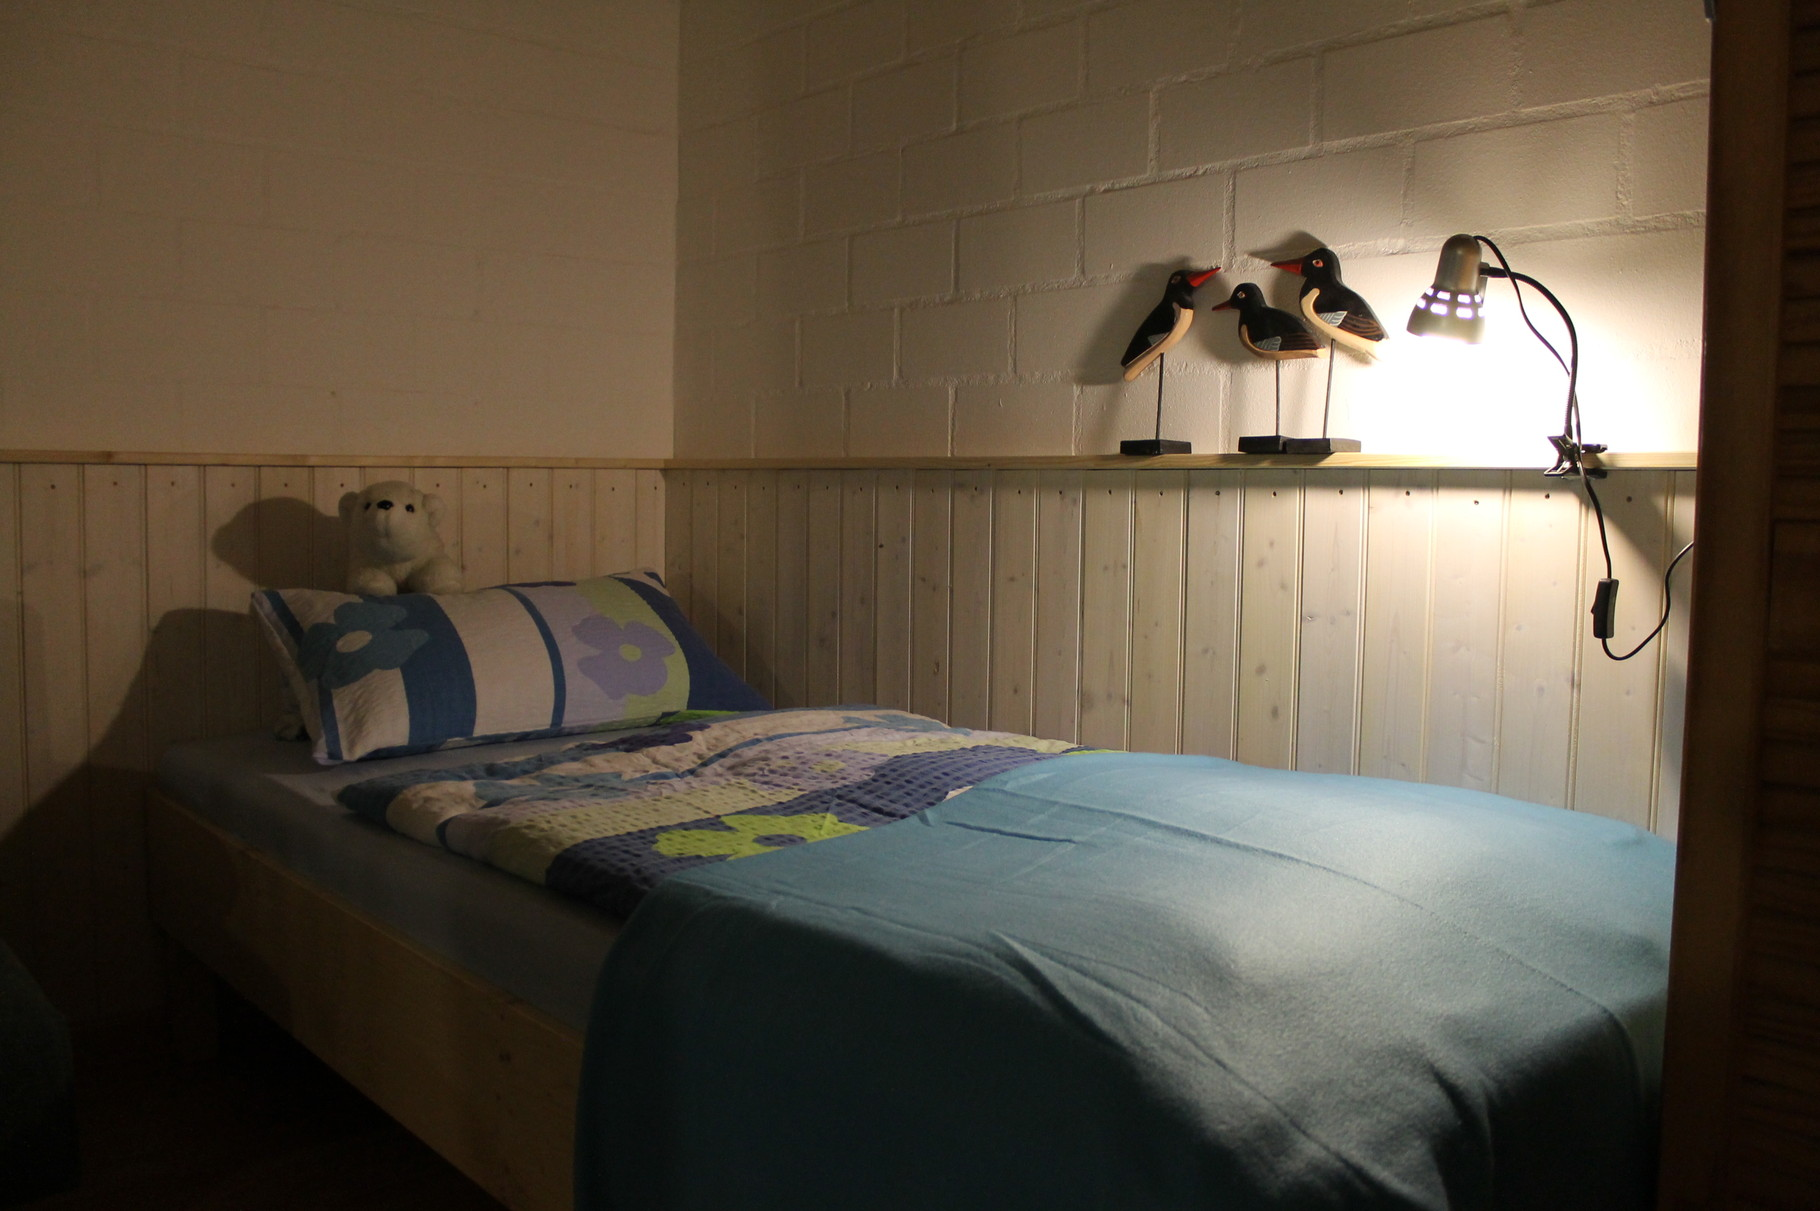 Wohnung 1, Bett